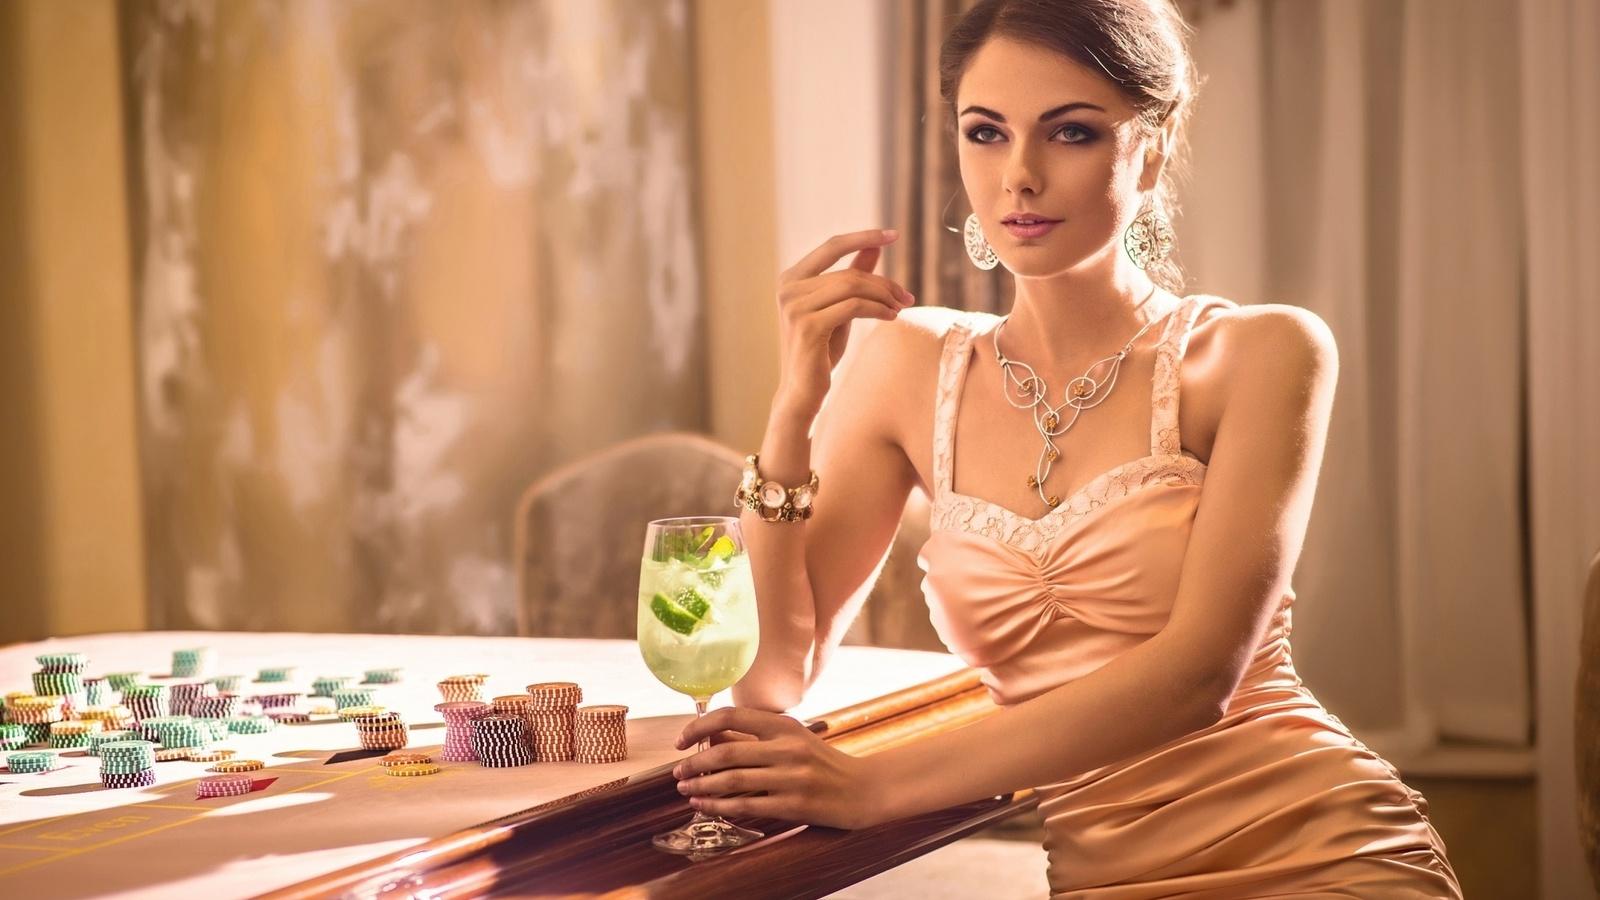 Картинки для богатых женщин, надписью рукоделие голосовые